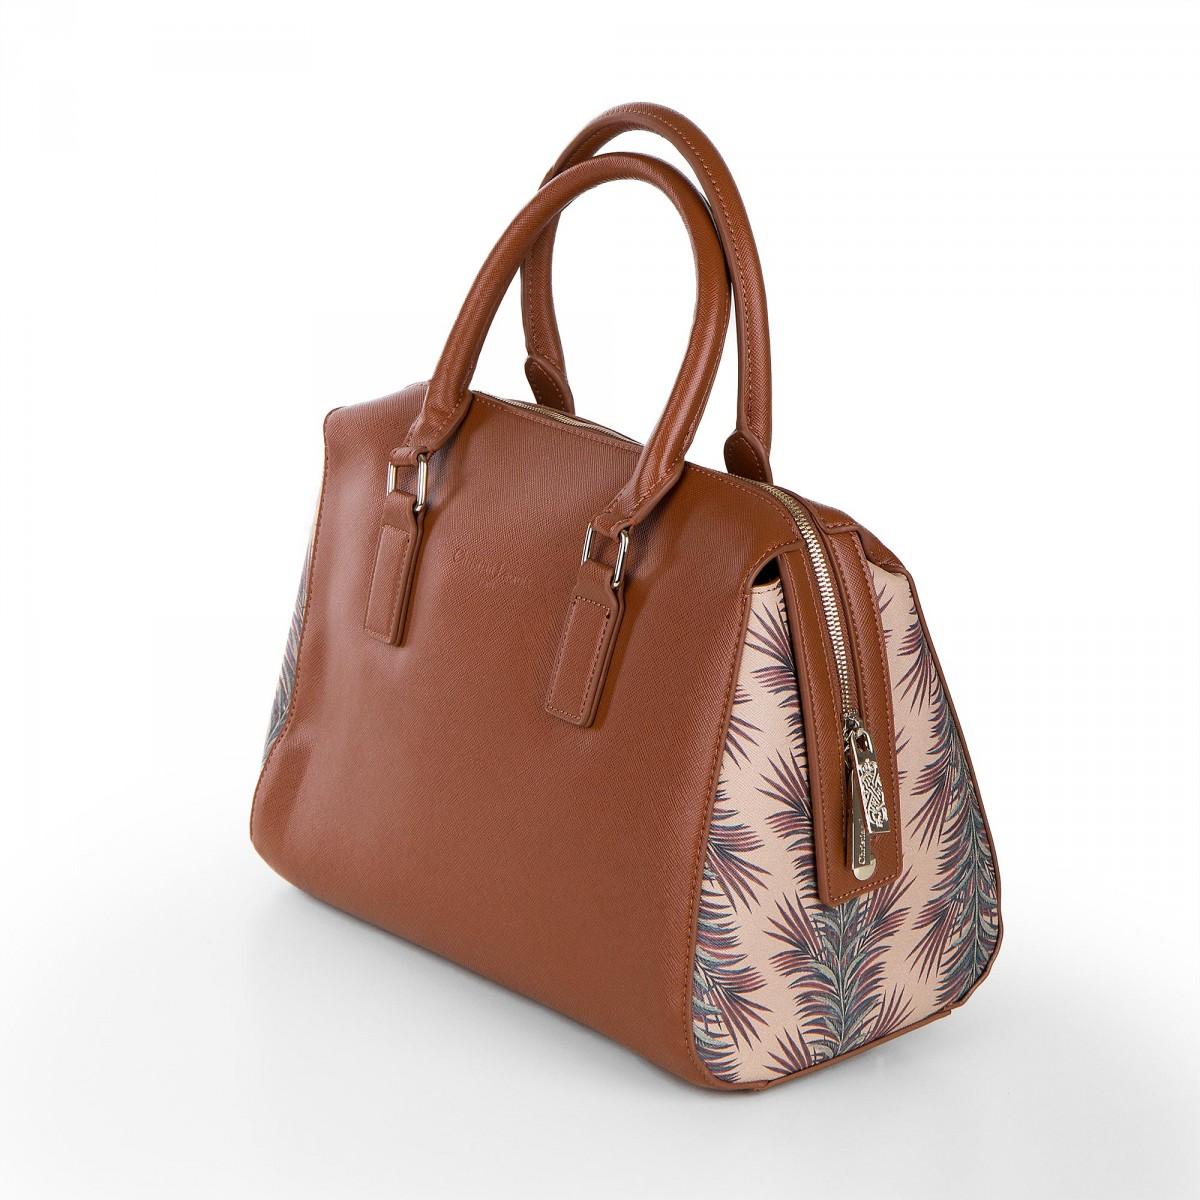 sac bowling camel bleu imprim tropicaux femme christian lacroix. Black Bedroom Furniture Sets. Home Design Ideas